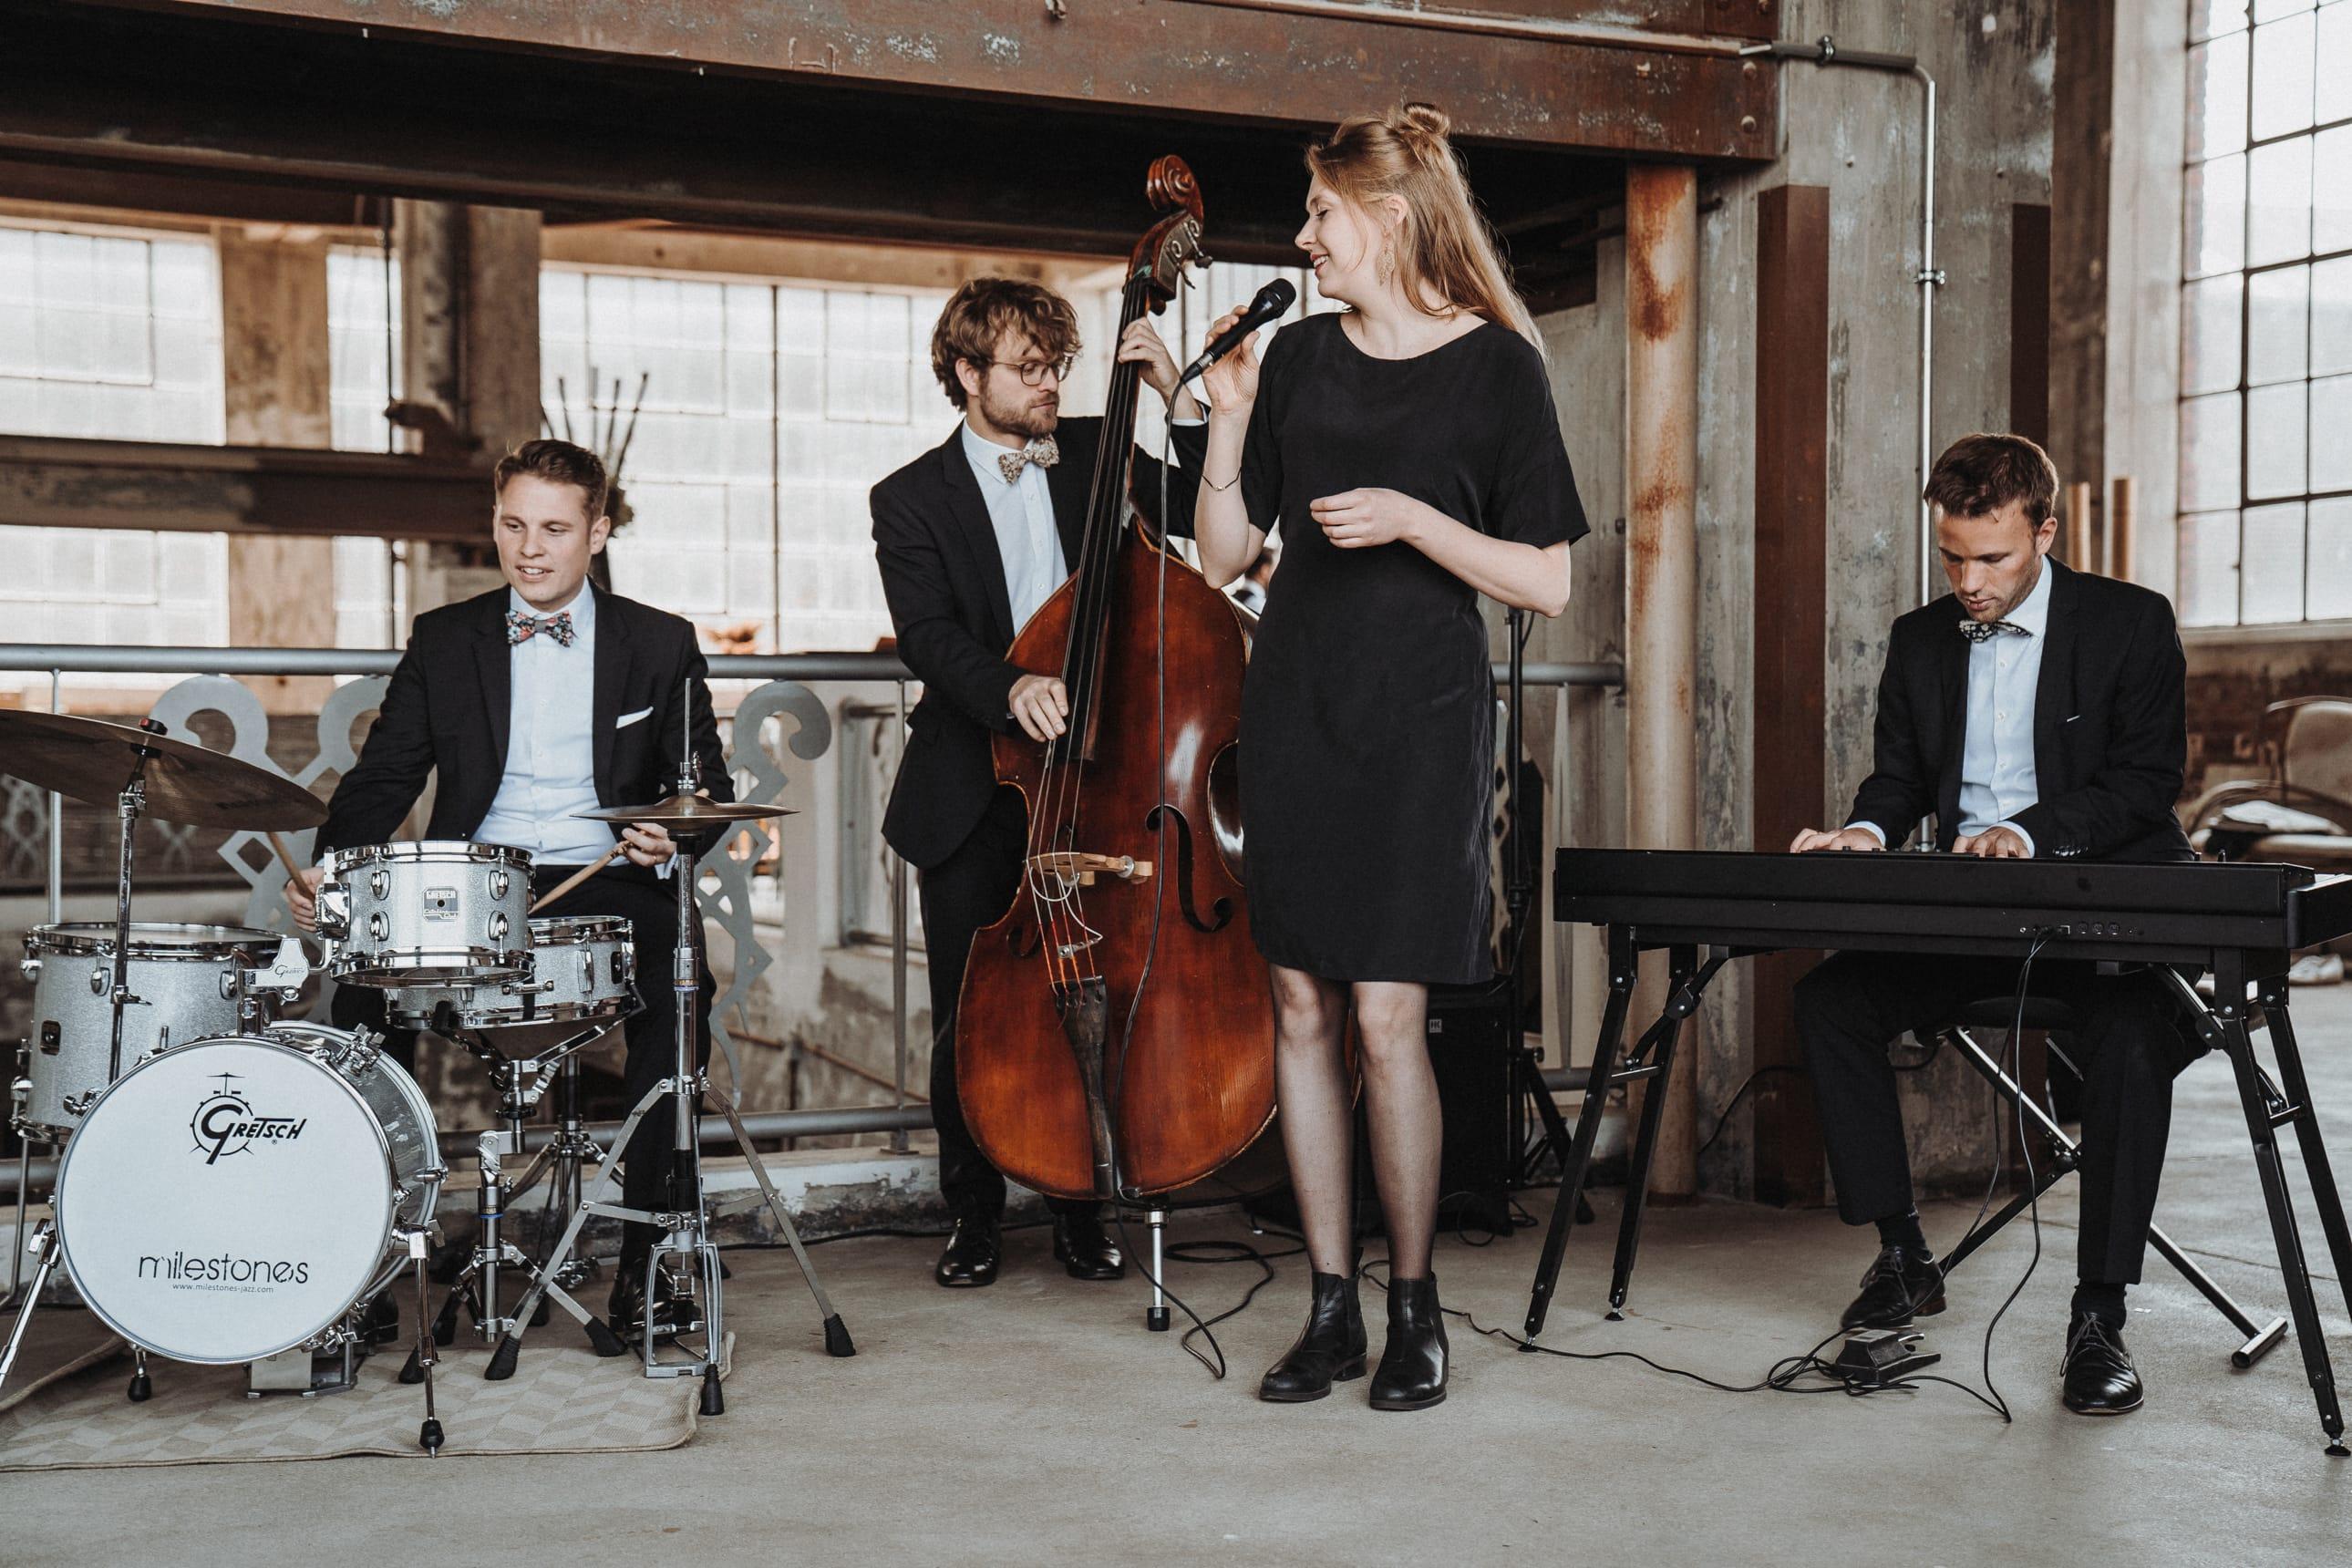 Jazzmusik_für_die_Hochzeit_01